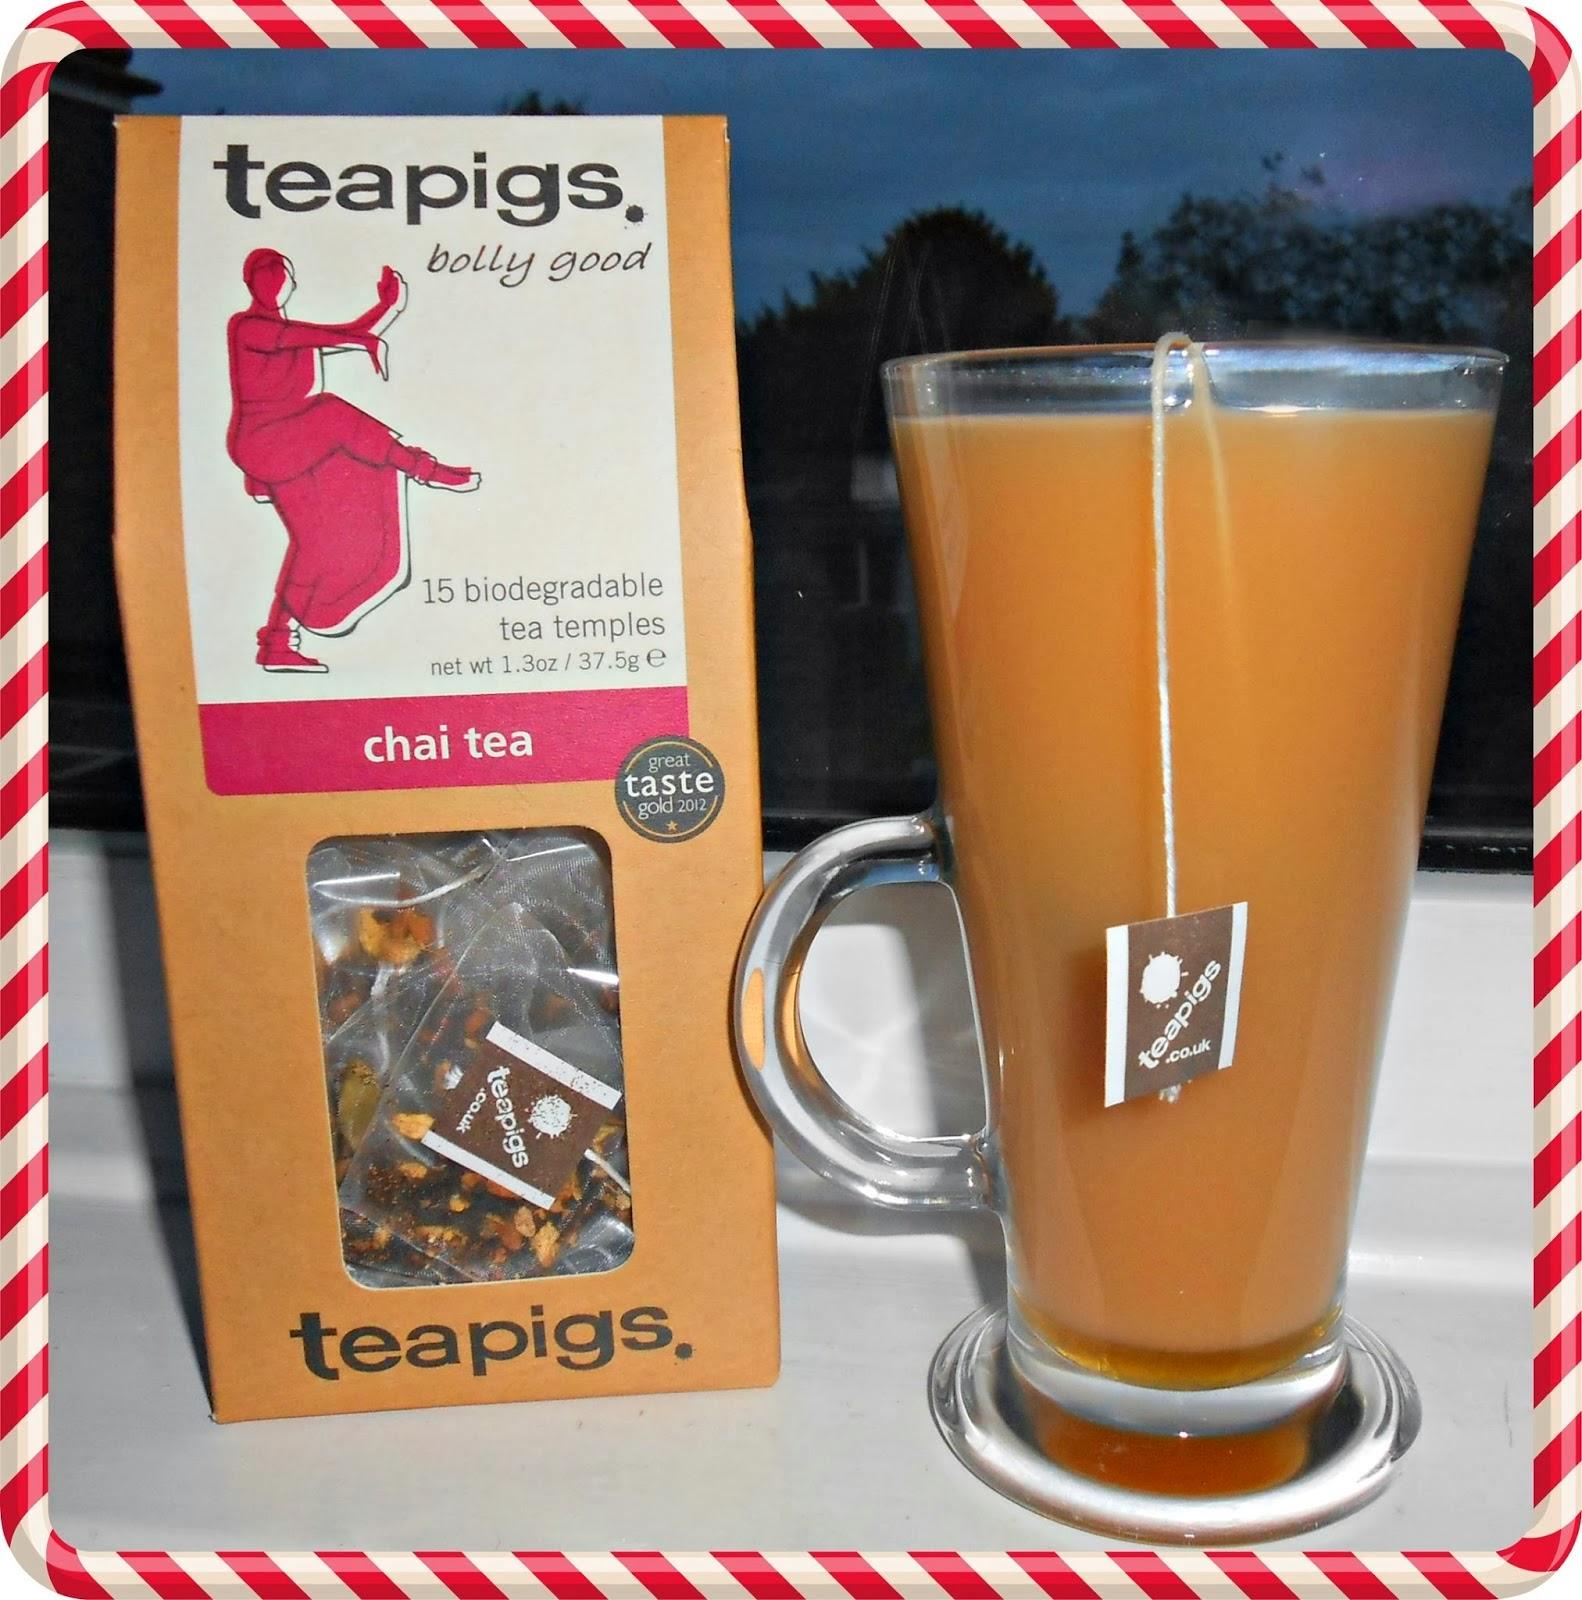 Drinking Tea Upsets My Stomach